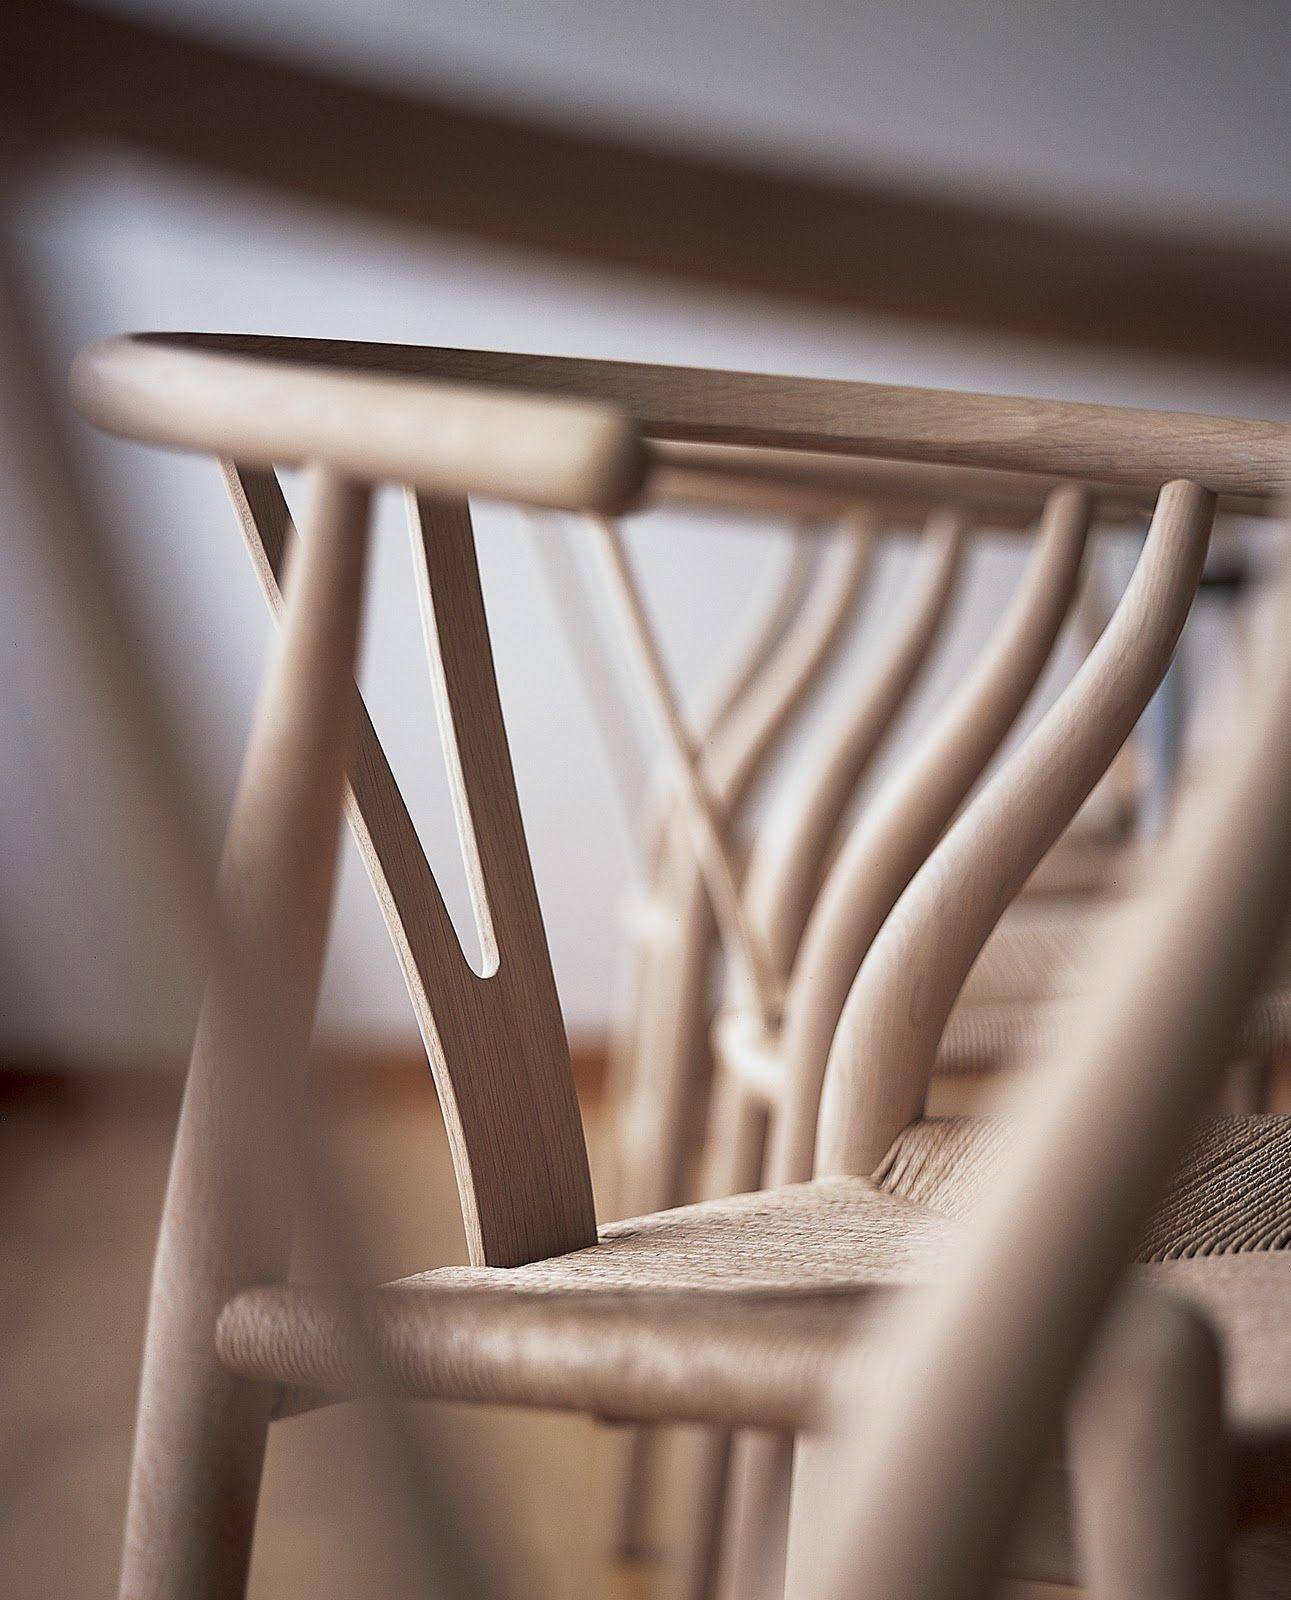 """Wishbone chair. Hans Wegner    La silla CH24 también conocida como """"Y"""" o """" Wishbone"""" por la forma característica de su respaldo en forma de Y fue creada en los años 50 por el diseñador y ebanista danés Hans J. Wegner y destaca por su funcionalidad y diseño, a la vez que sencillez.    La principal característica que la identifica es su respaldo curvo, un diseño ergonómico que permite sentarse con la espalda recta y proporciona libertad de movimiento y gran comodidad."""